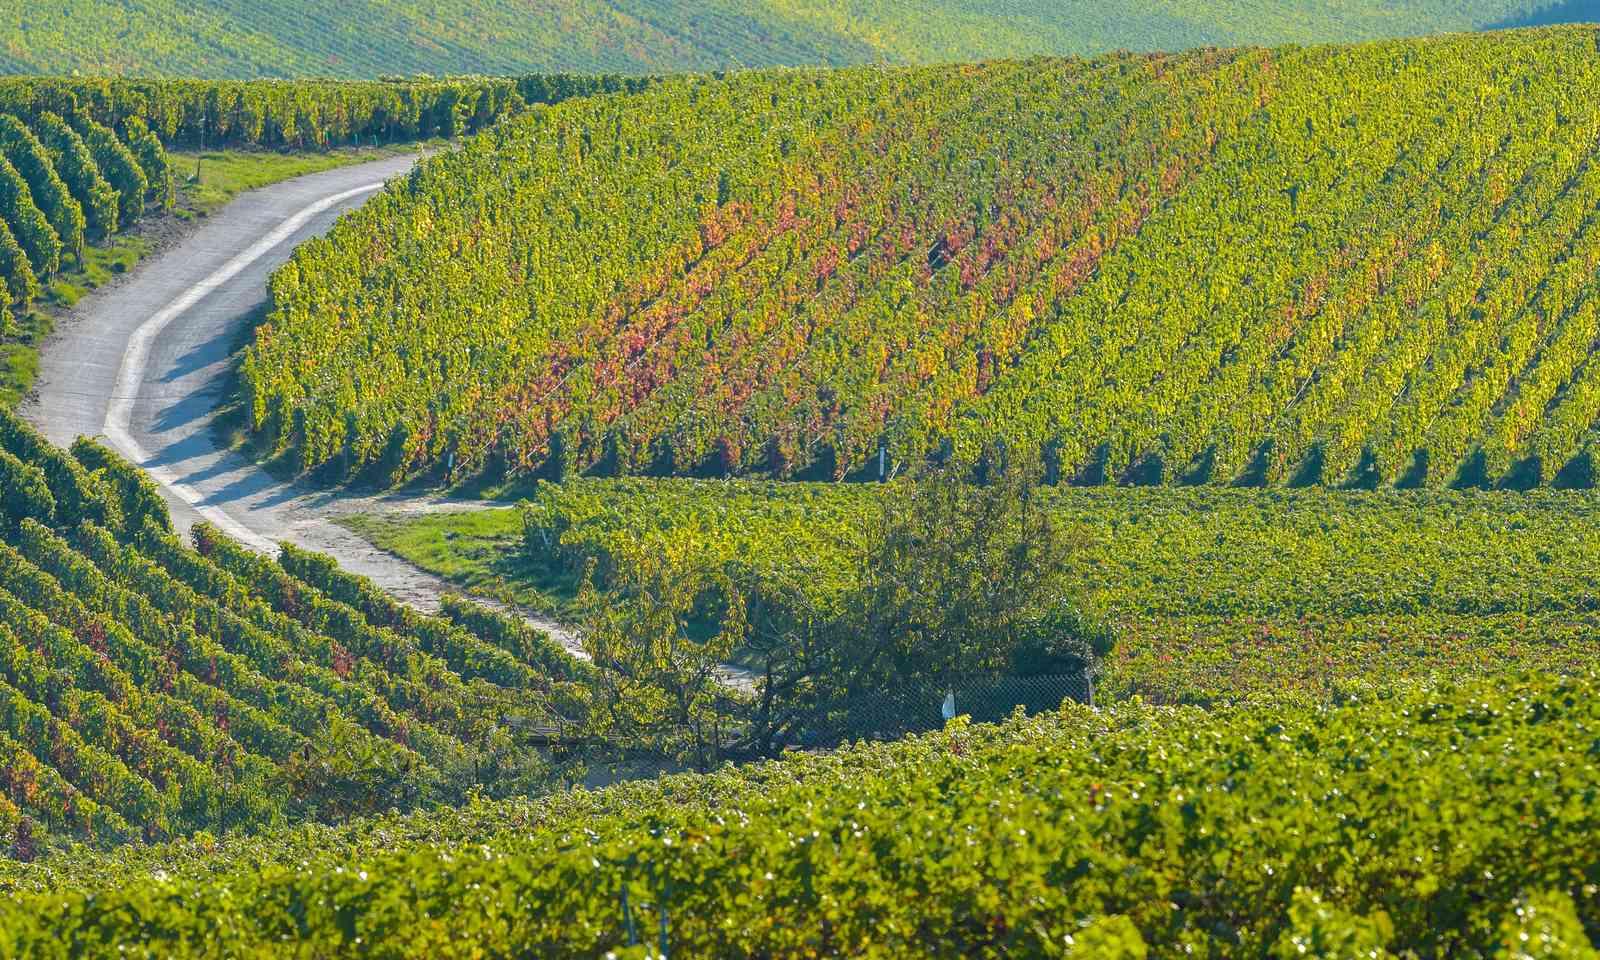 Champagne vineyard in Sermiers (Dreamstime)